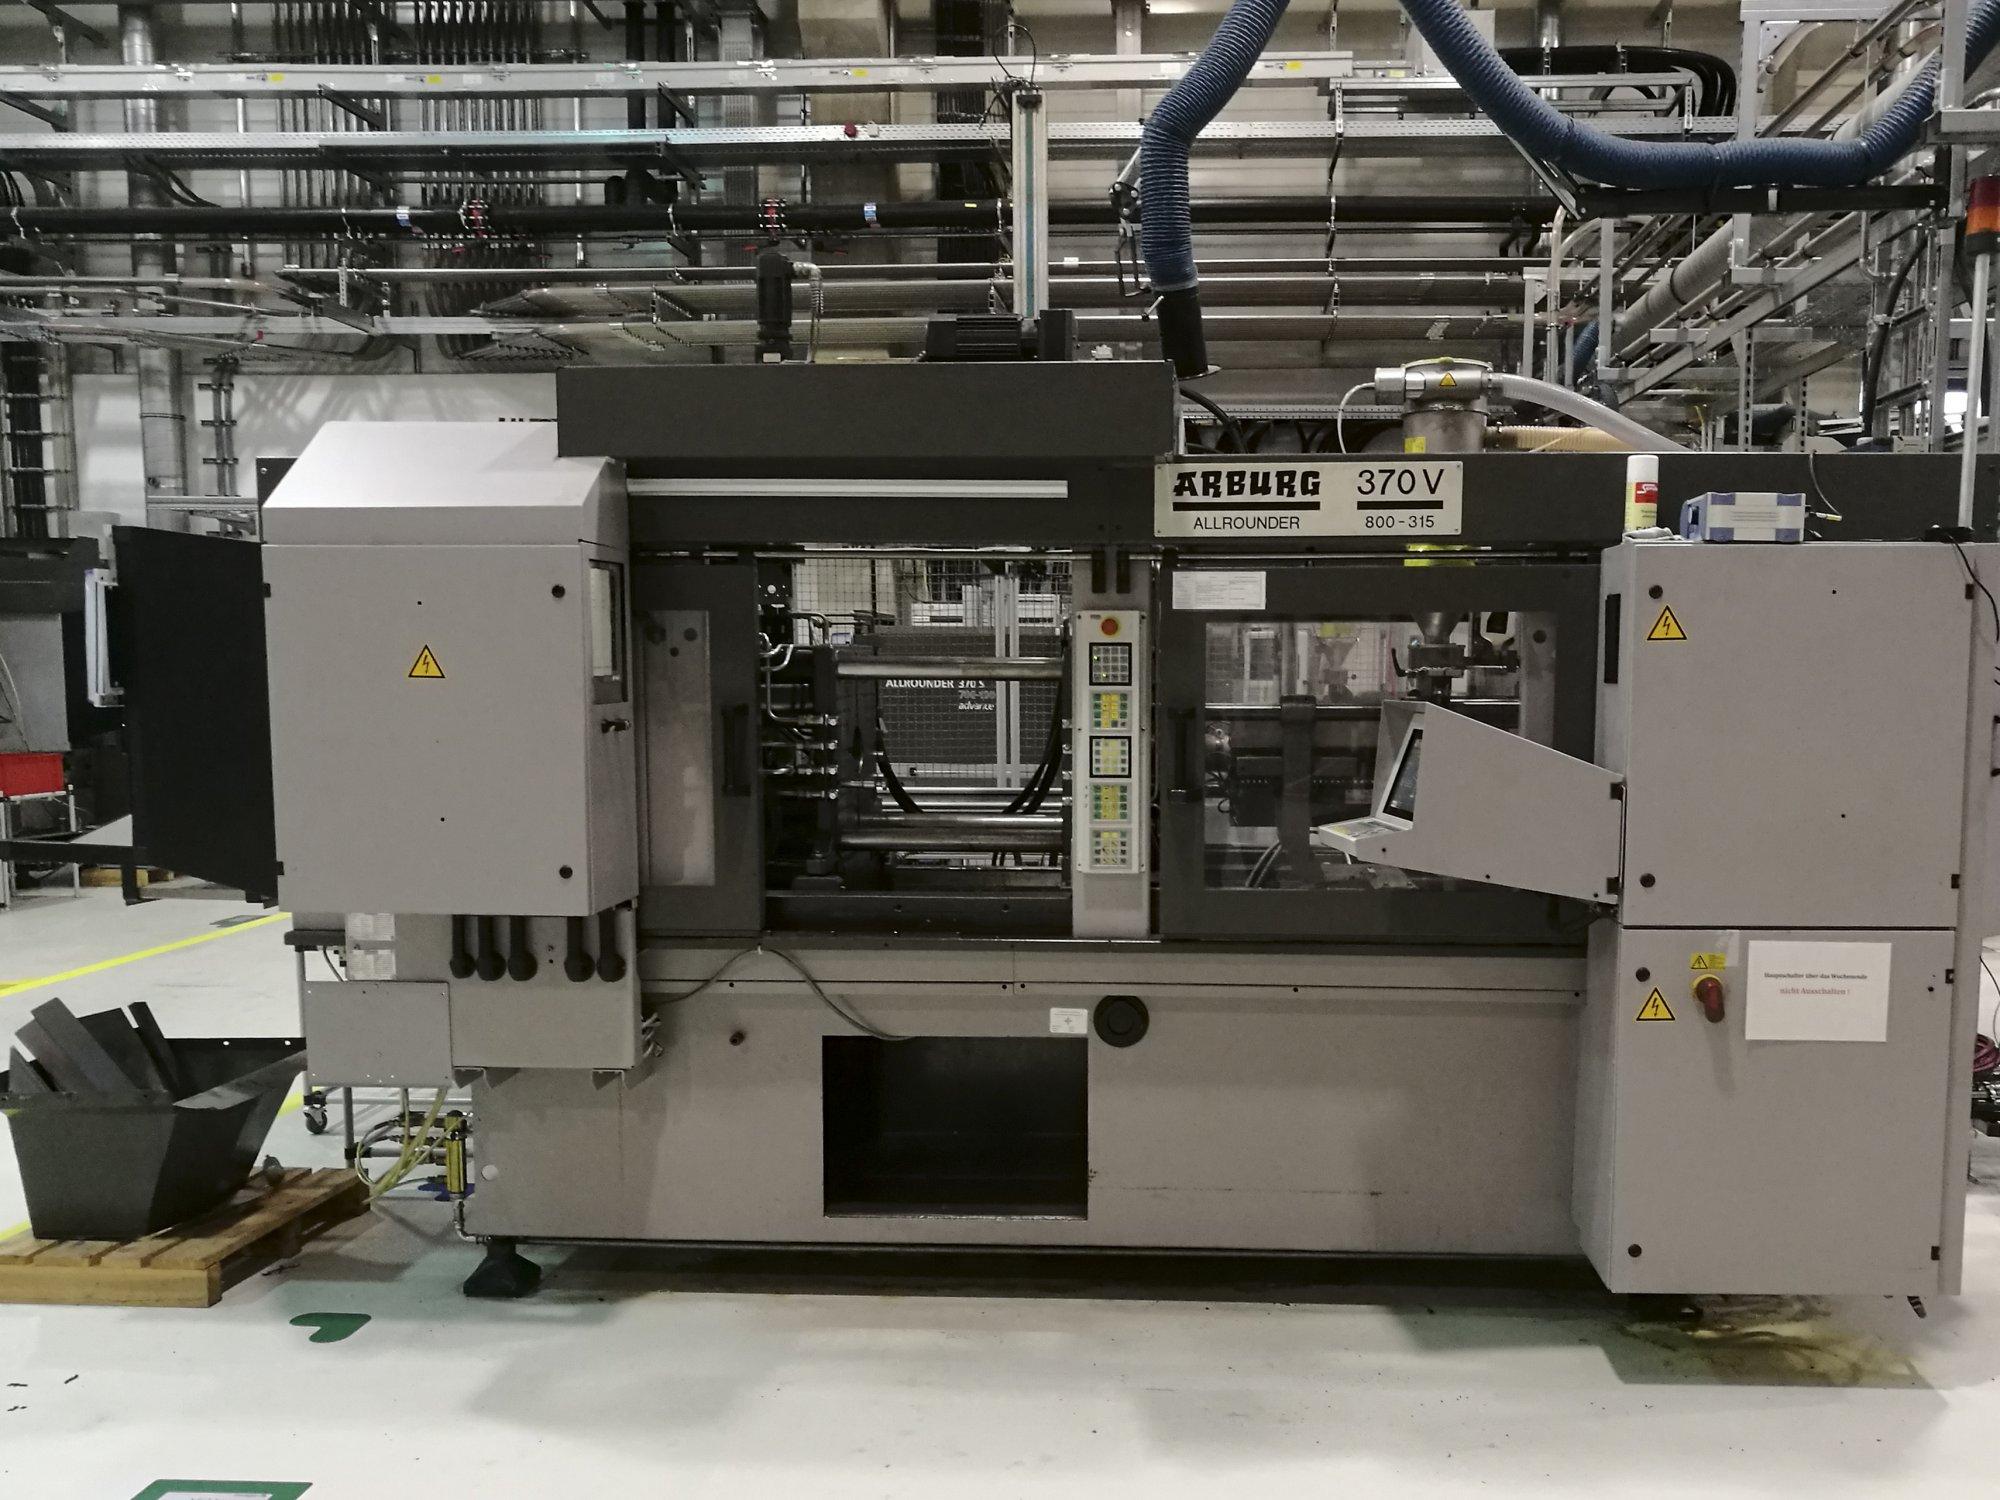 Arburg 370V 800-315 Injection Moulding Machine